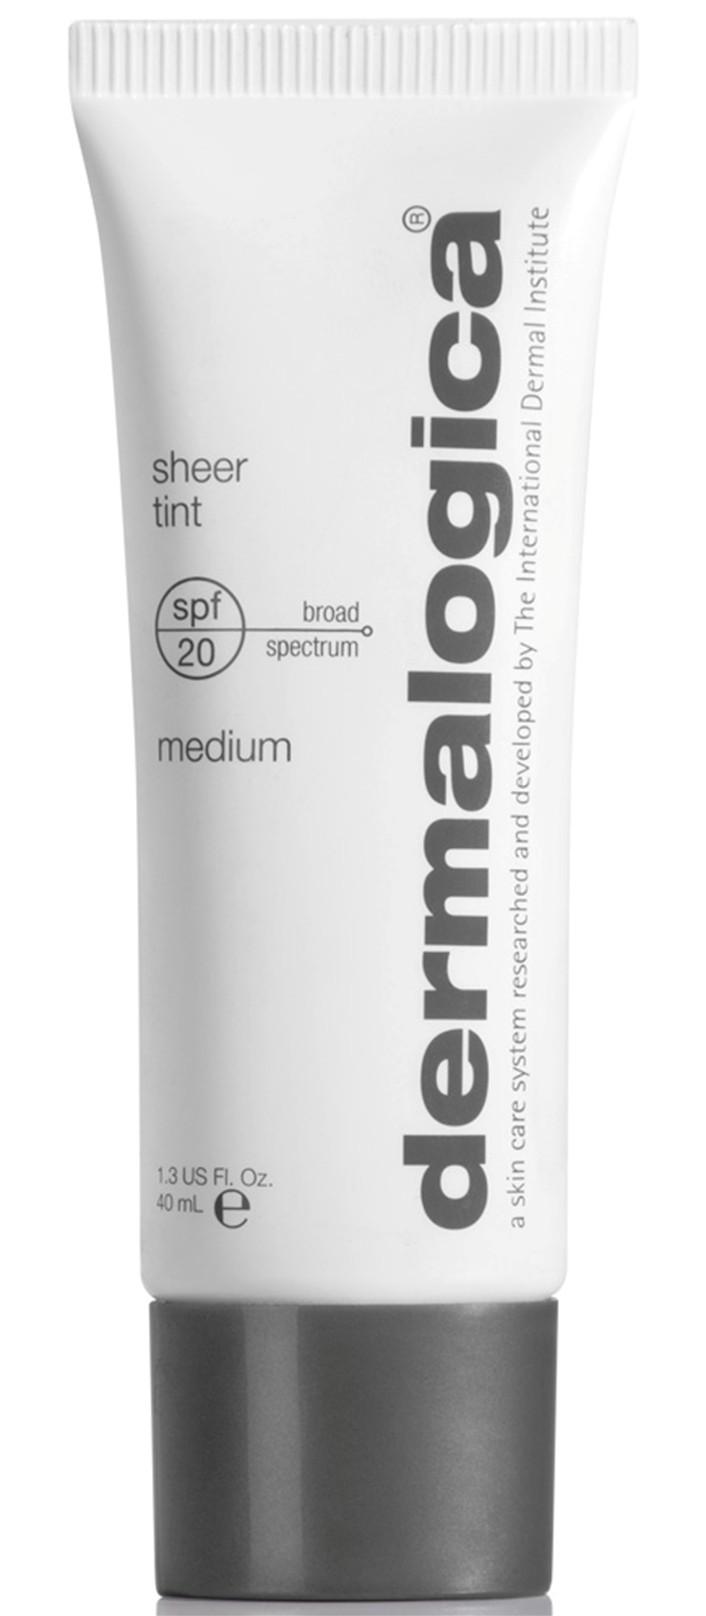 DERMALOGICA Крем тонирующий увлажняющий Средний тон SPF20 / Sheer Tint Medium 40млКремы<br>Увлажняющий тонирующий крем SPF20 Средний тон Sheer Tint Medium - новое средство от американского бренда по уходу за кожей Dermalogica. Тонирующий увлажняющий крем Sheer Tint универсален, так как сочетает в себе функции тонального и увлажняющего крема. Обеспечивает лёгкий тонирующий эффект, равномерный тон лица, защиту от ультрафиолетовых лучей и свободных радикалов, которые провоцируют преждевременное старение. Наряду с этими достоинствами крем обладает увлажняющим действием, способствуя производству коллагена для повышения упругости кожи.&amp;nbsp; Активные ингредиенты:&amp;nbsp;гиалуроновая кислота с поперечными сшивками.&amp;nbsp; Способ применения:&amp;nbsp;тональный крем наносится на подготовленную кожу: очищенную, тонированную, увлажненную.<br><br>Объем: 40 мл<br>Вид средства для лица: Увлажняющий